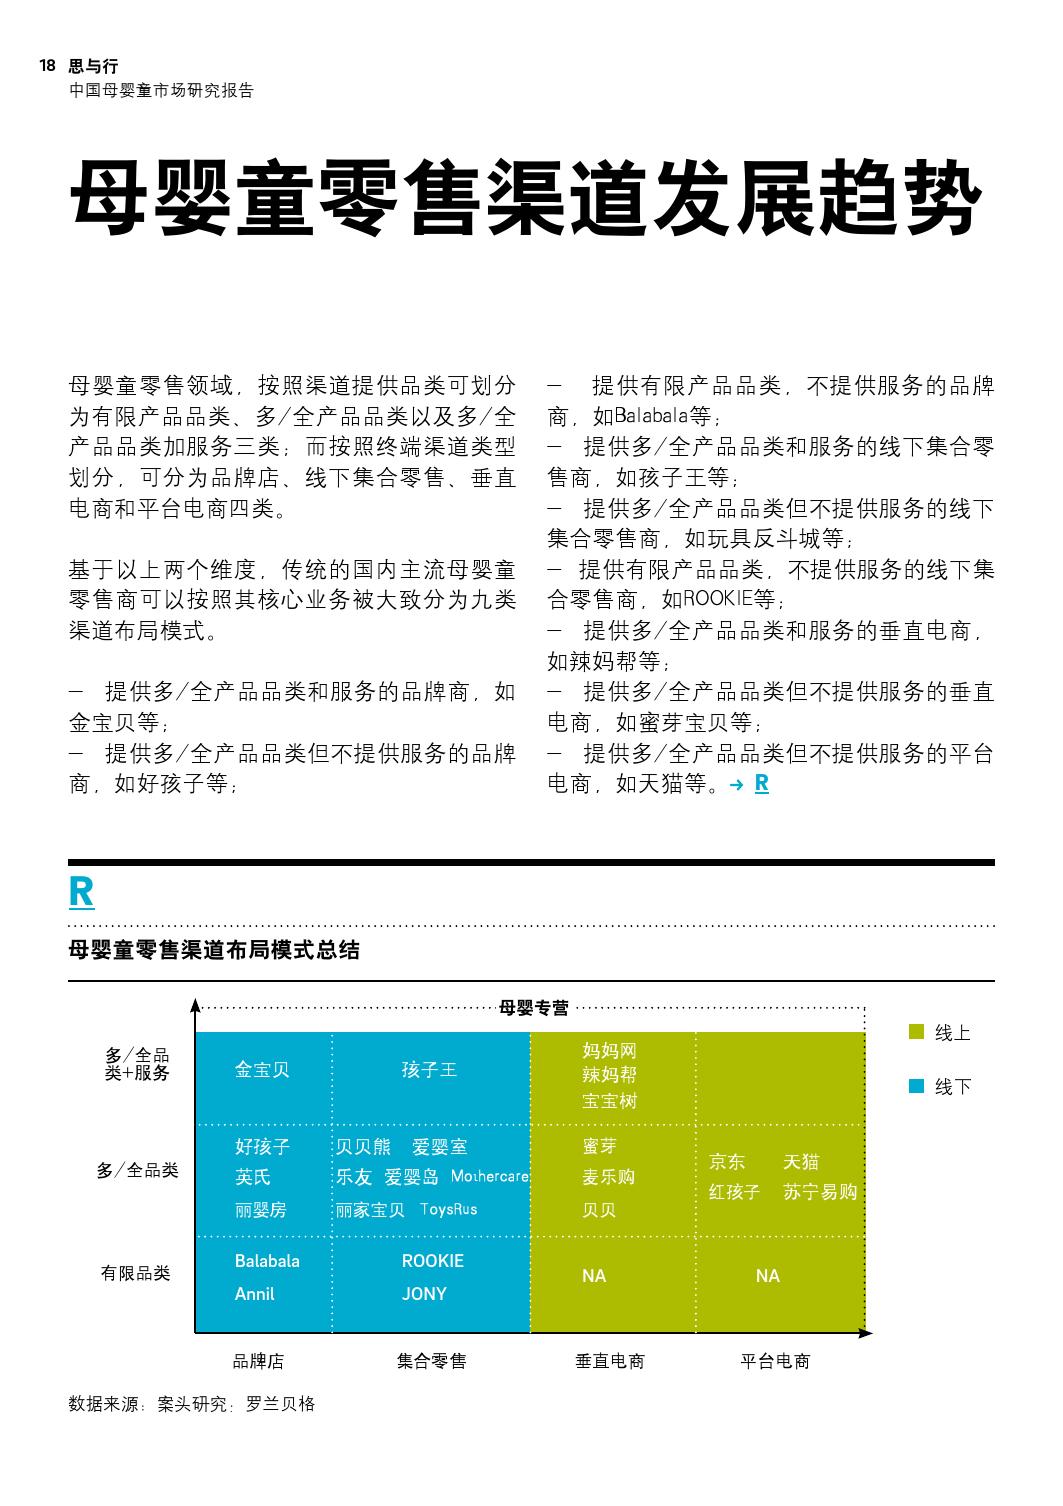 罗兰贝:2016中国母婴童市场研究报告_000018